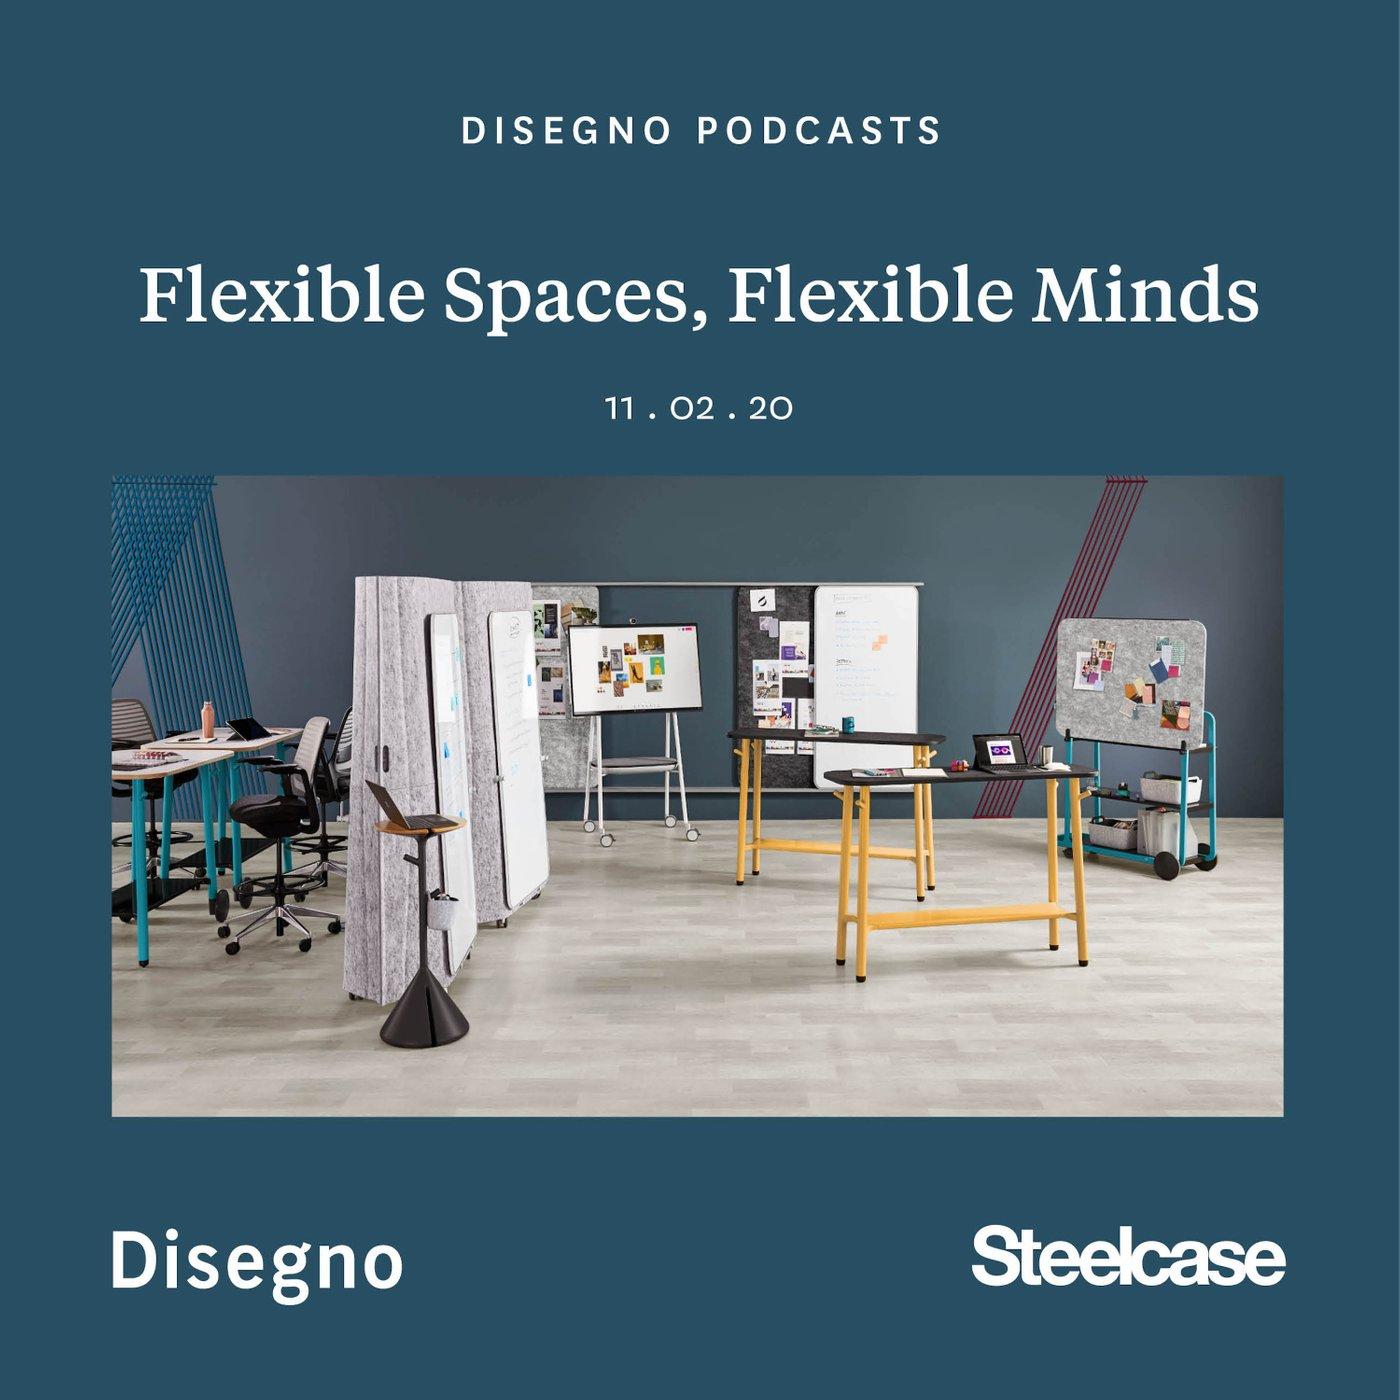 Flexible Spaces, Flexible Minds